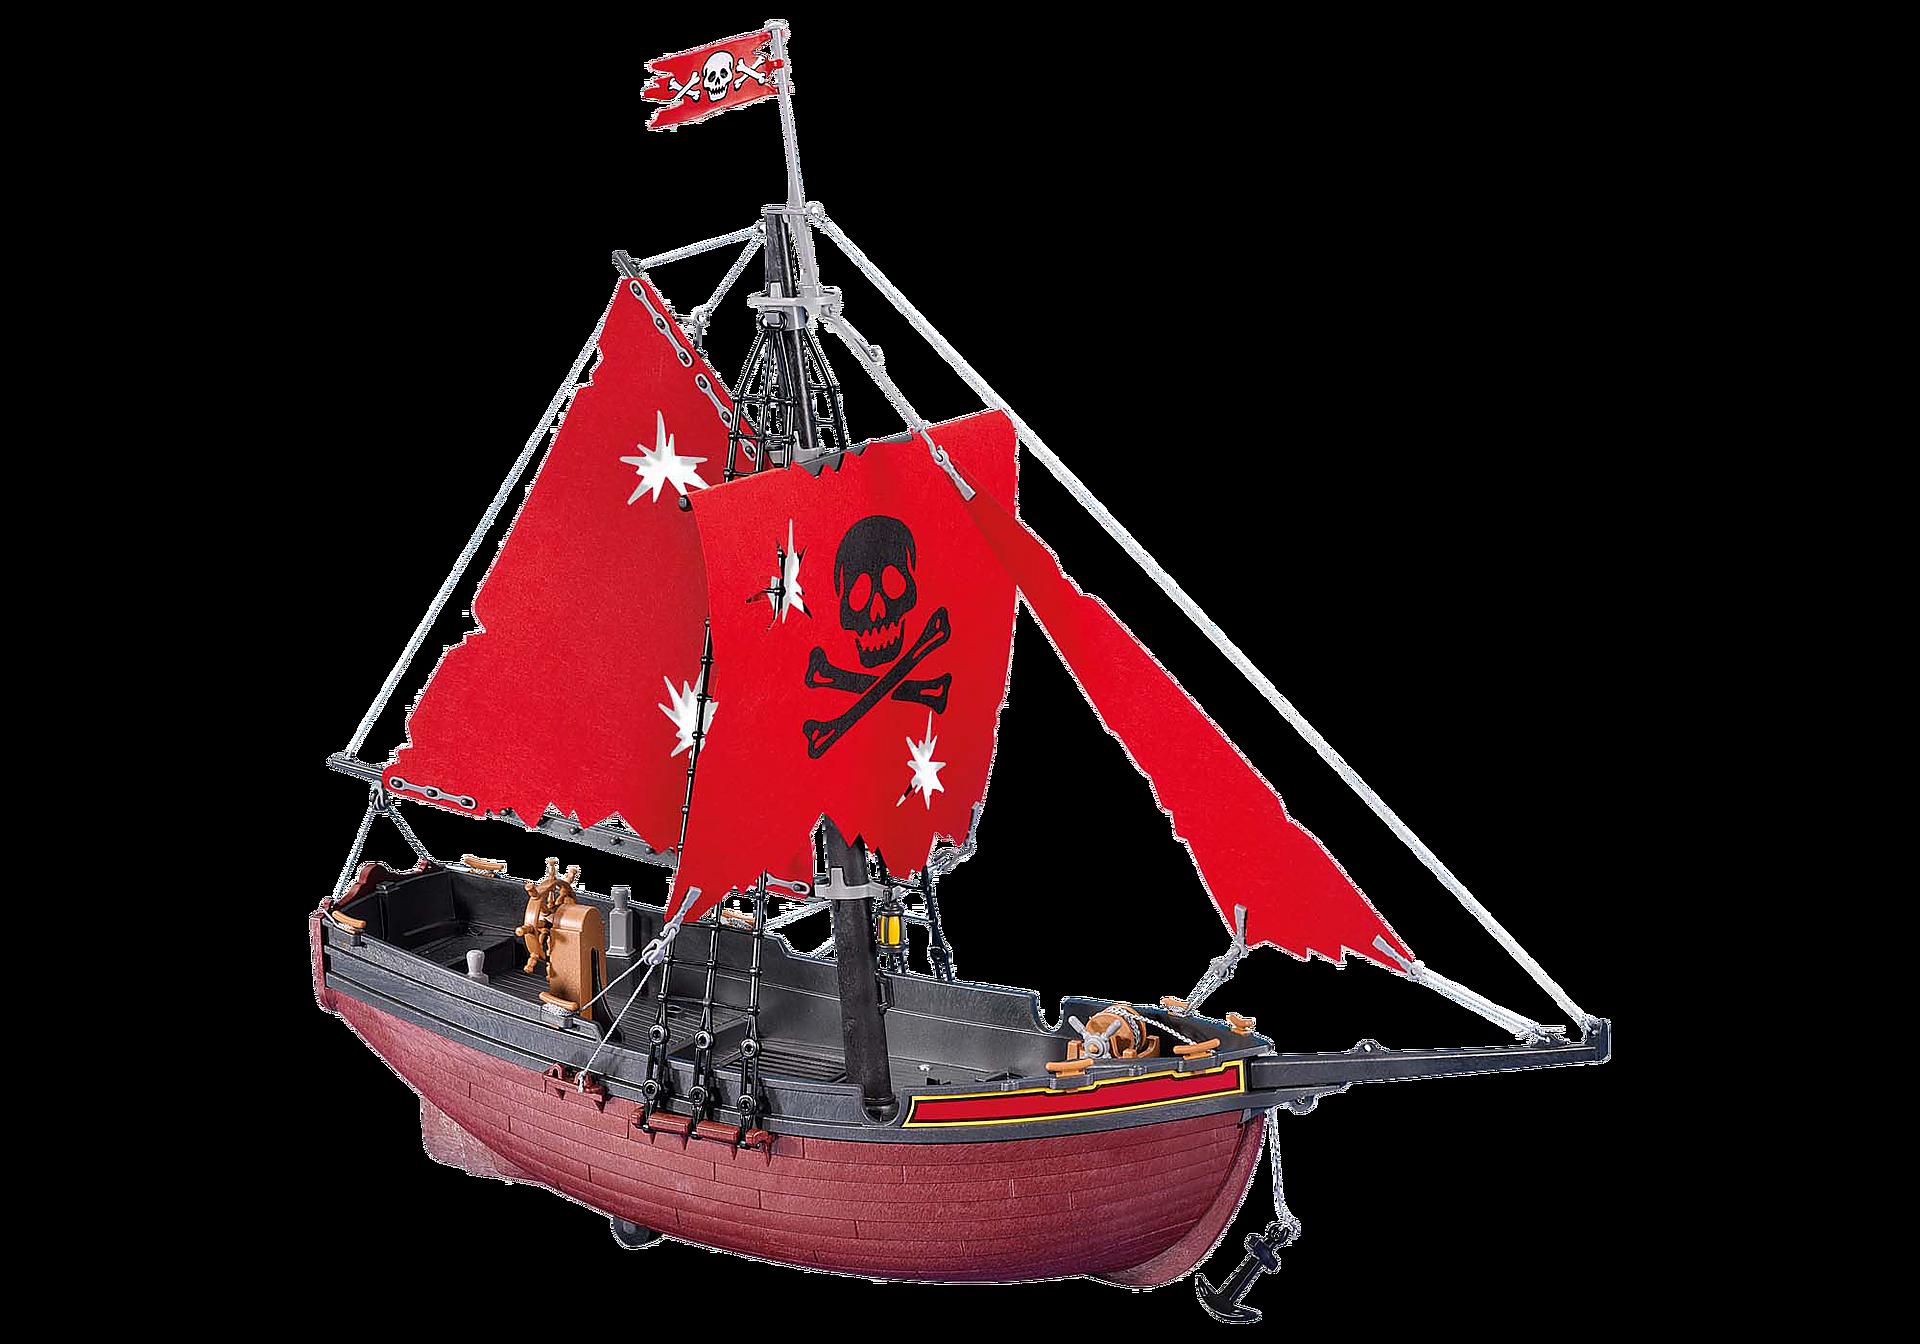 7518 Bateau corsaire rouge zoom image1